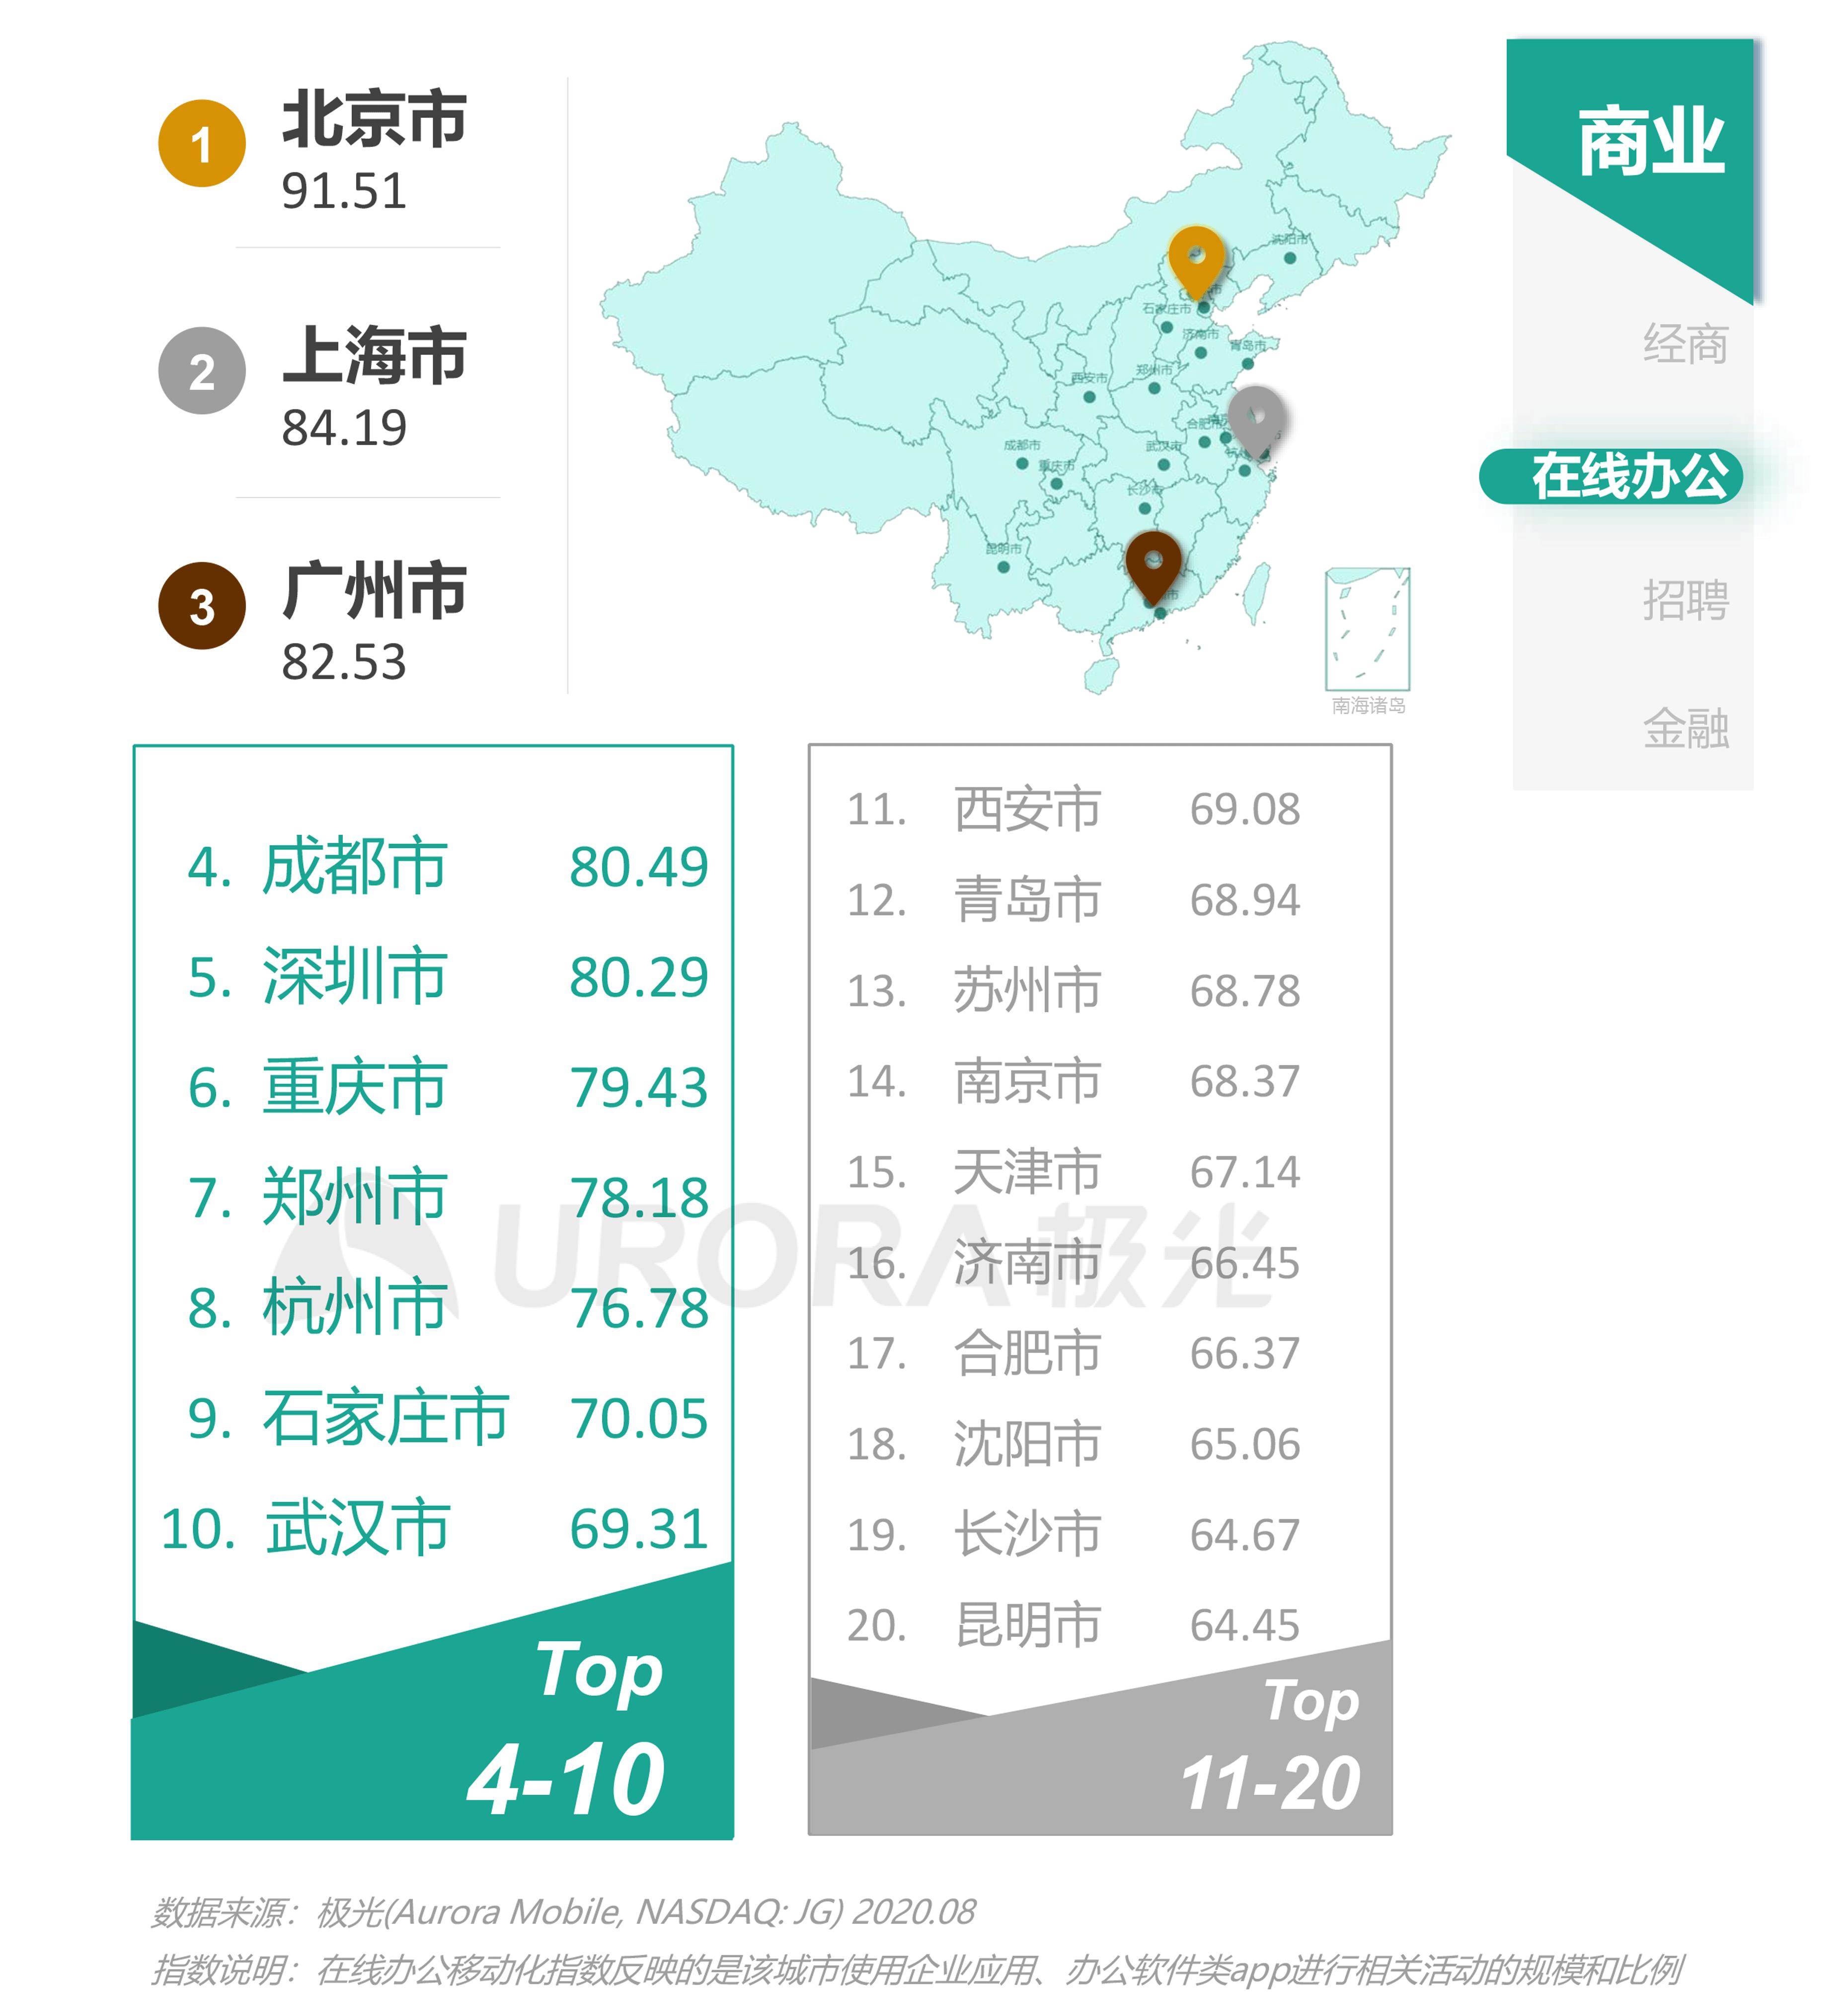 极光:互联网城市榜单 (35).png